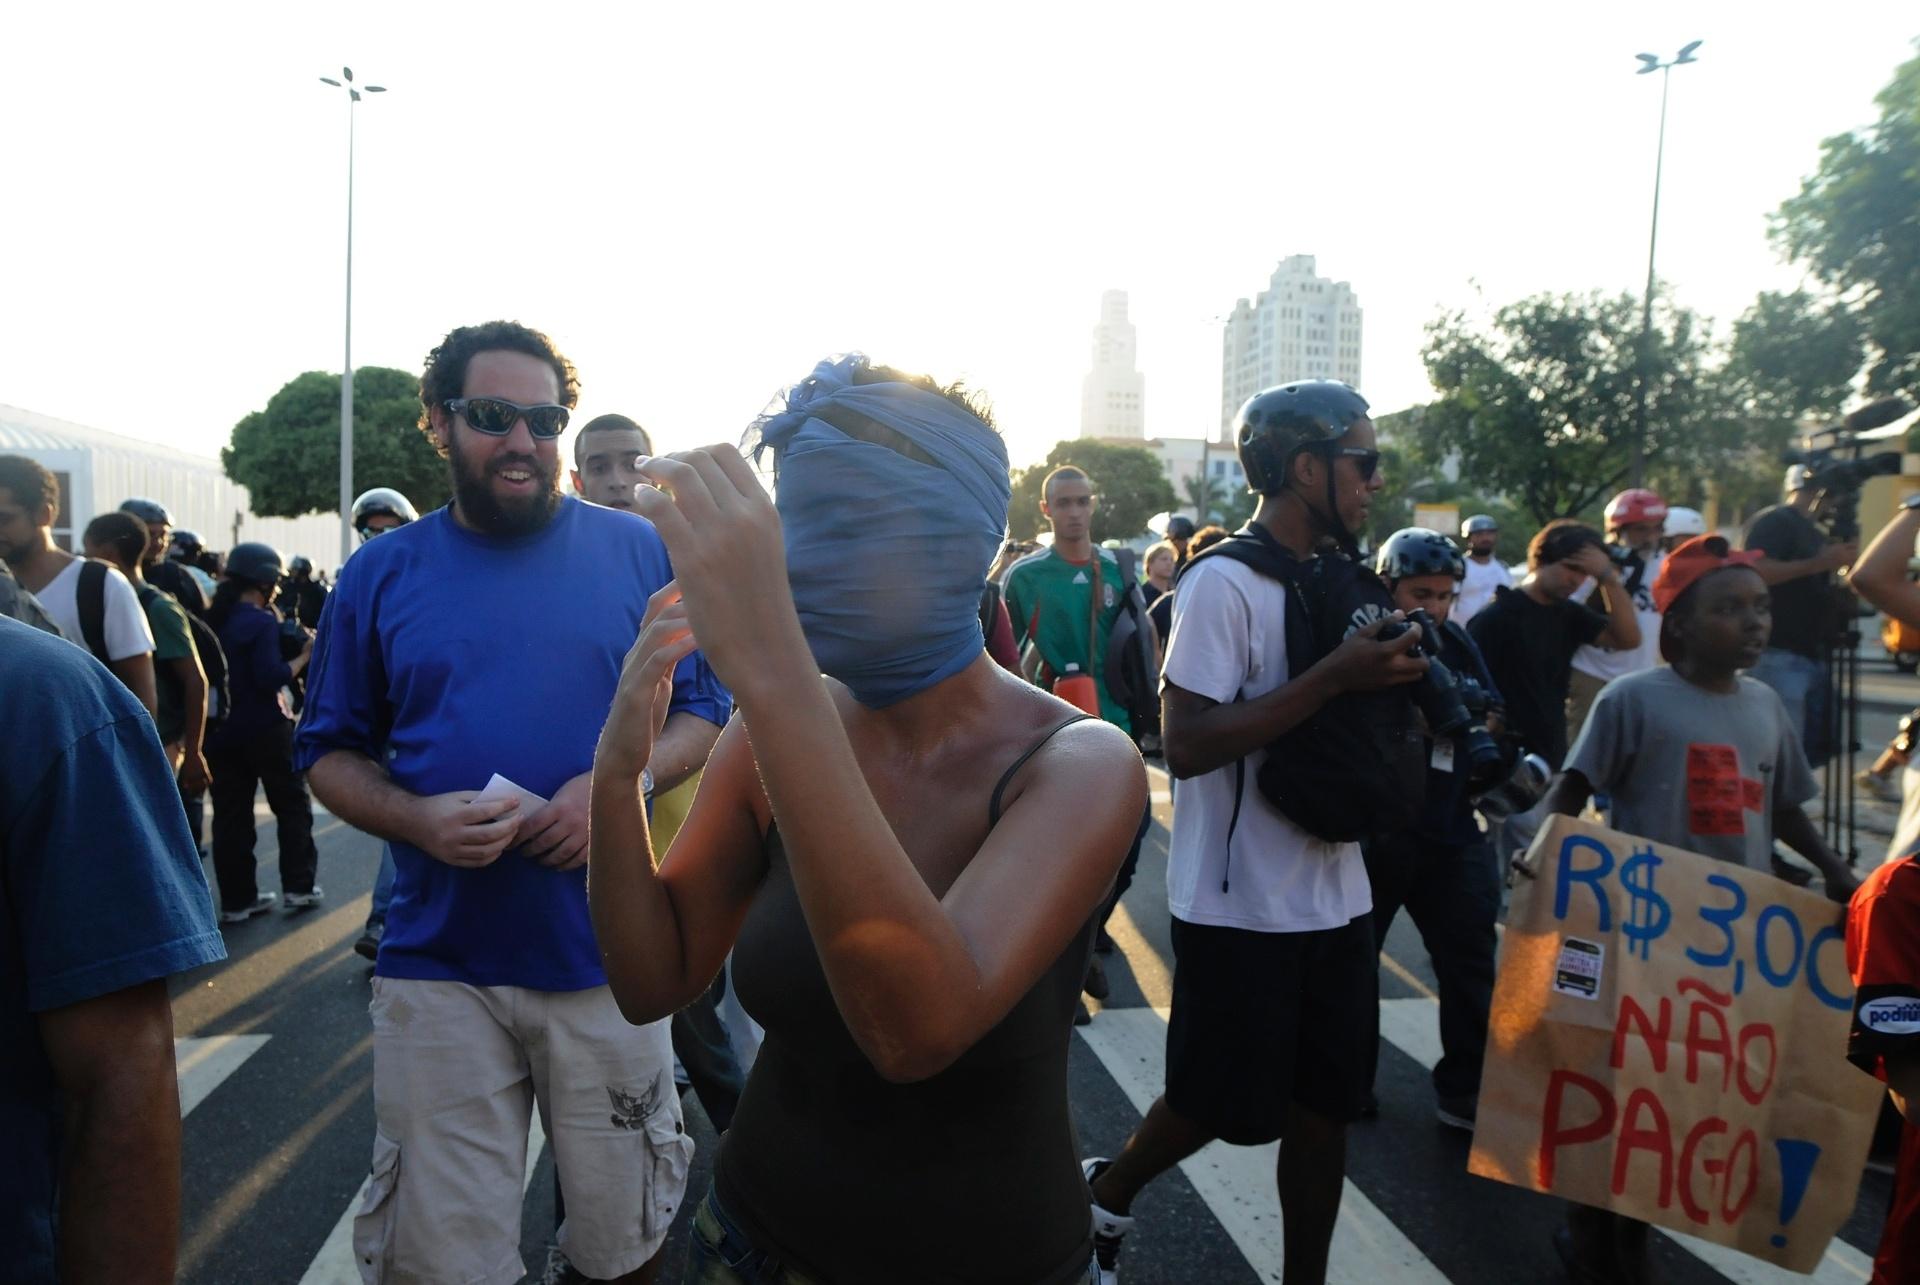 10.fev.2014 - Manifestante gesticula durante protesto contra o aumento das passagens de ônibus, no centro do Rio de Janeiro, nesta segunda-feira (10)